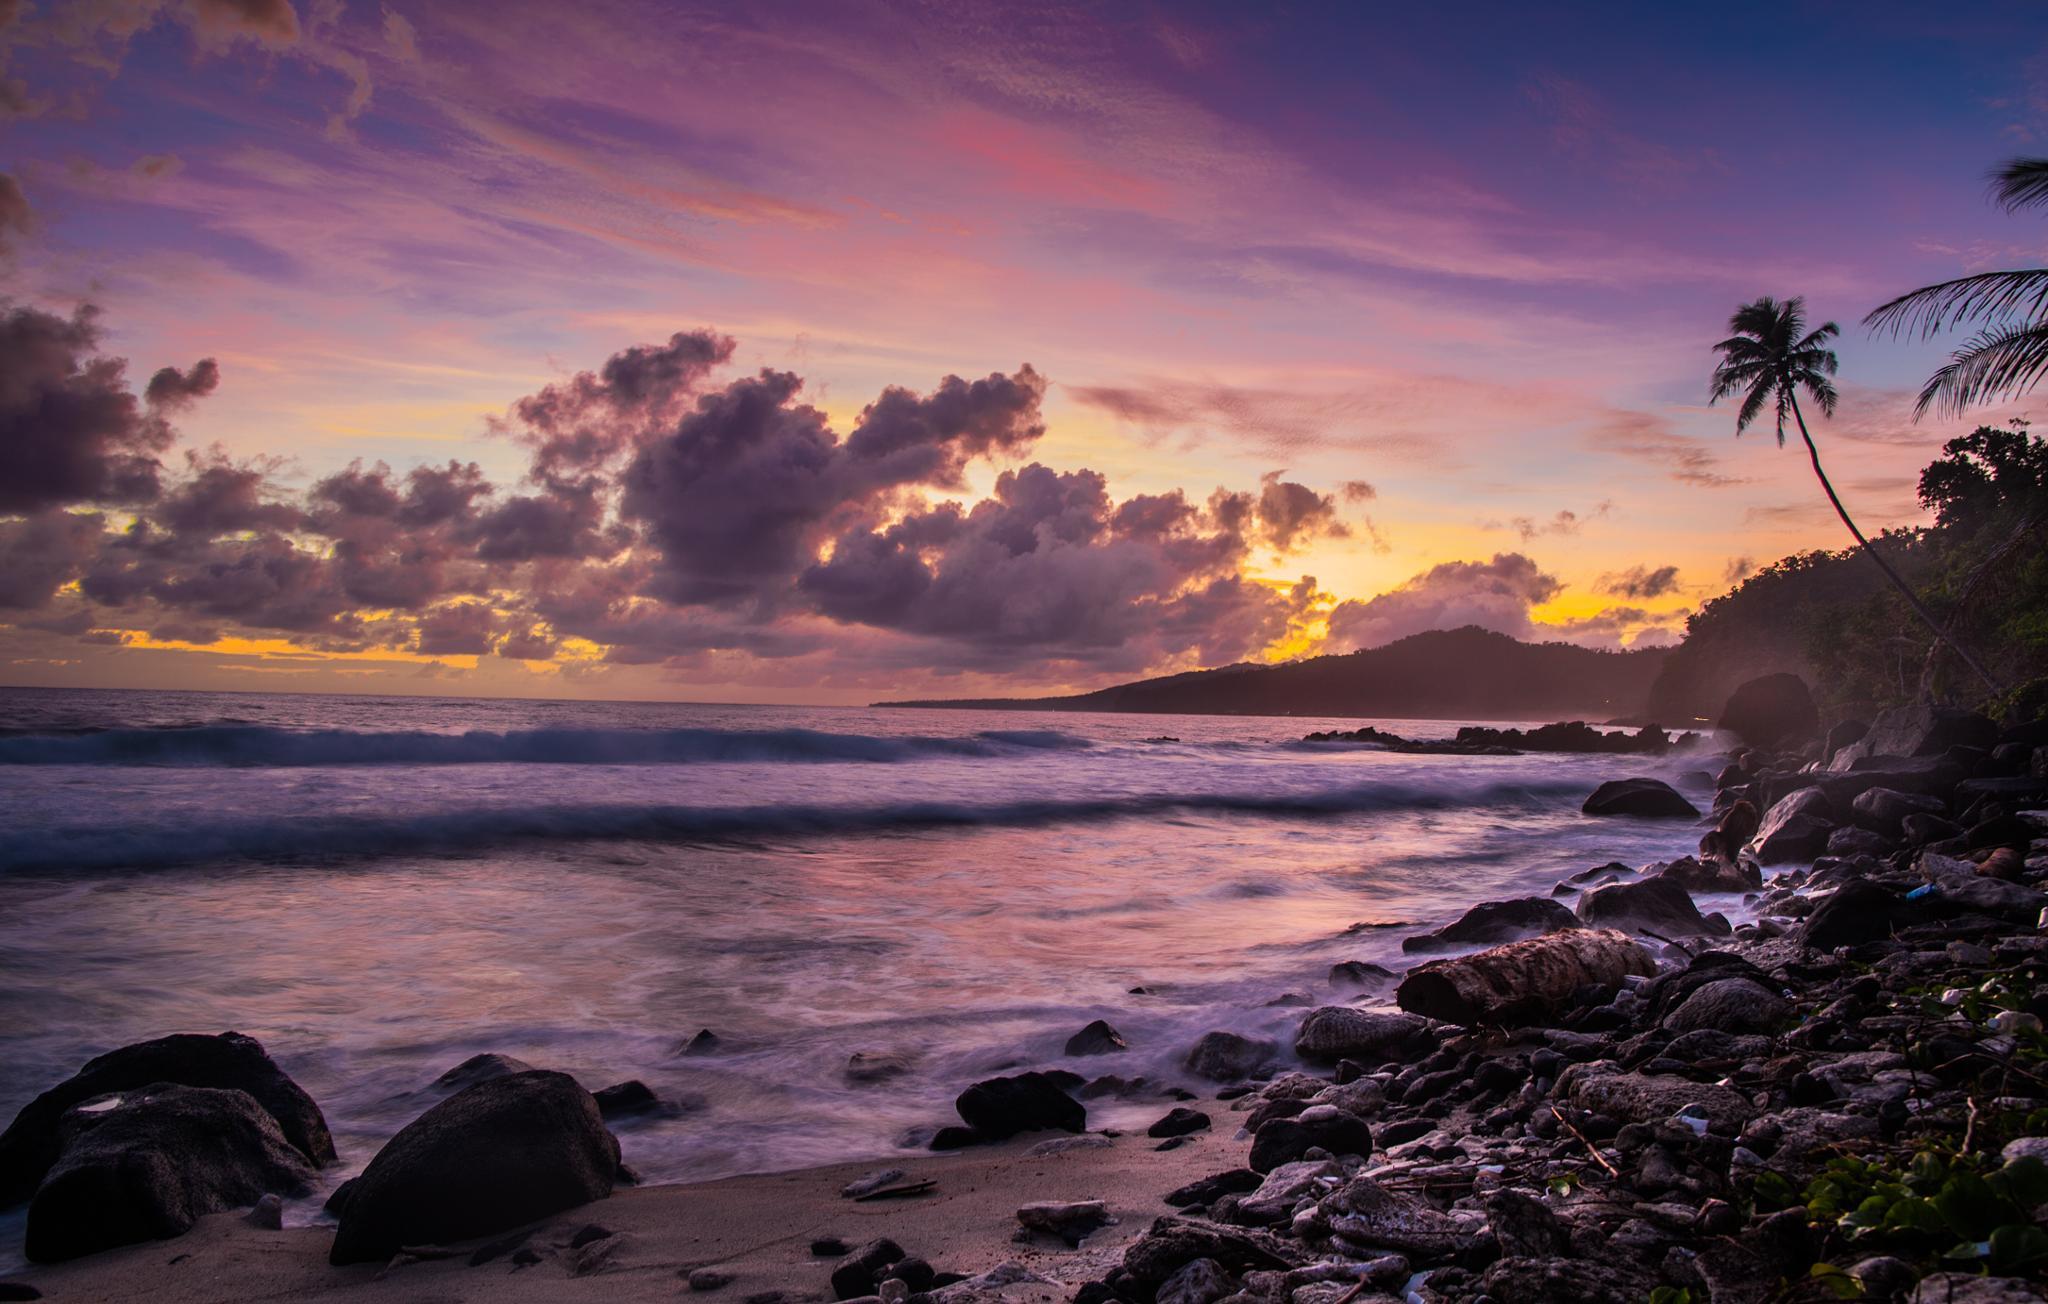 Sunrise  by Charles Netzler